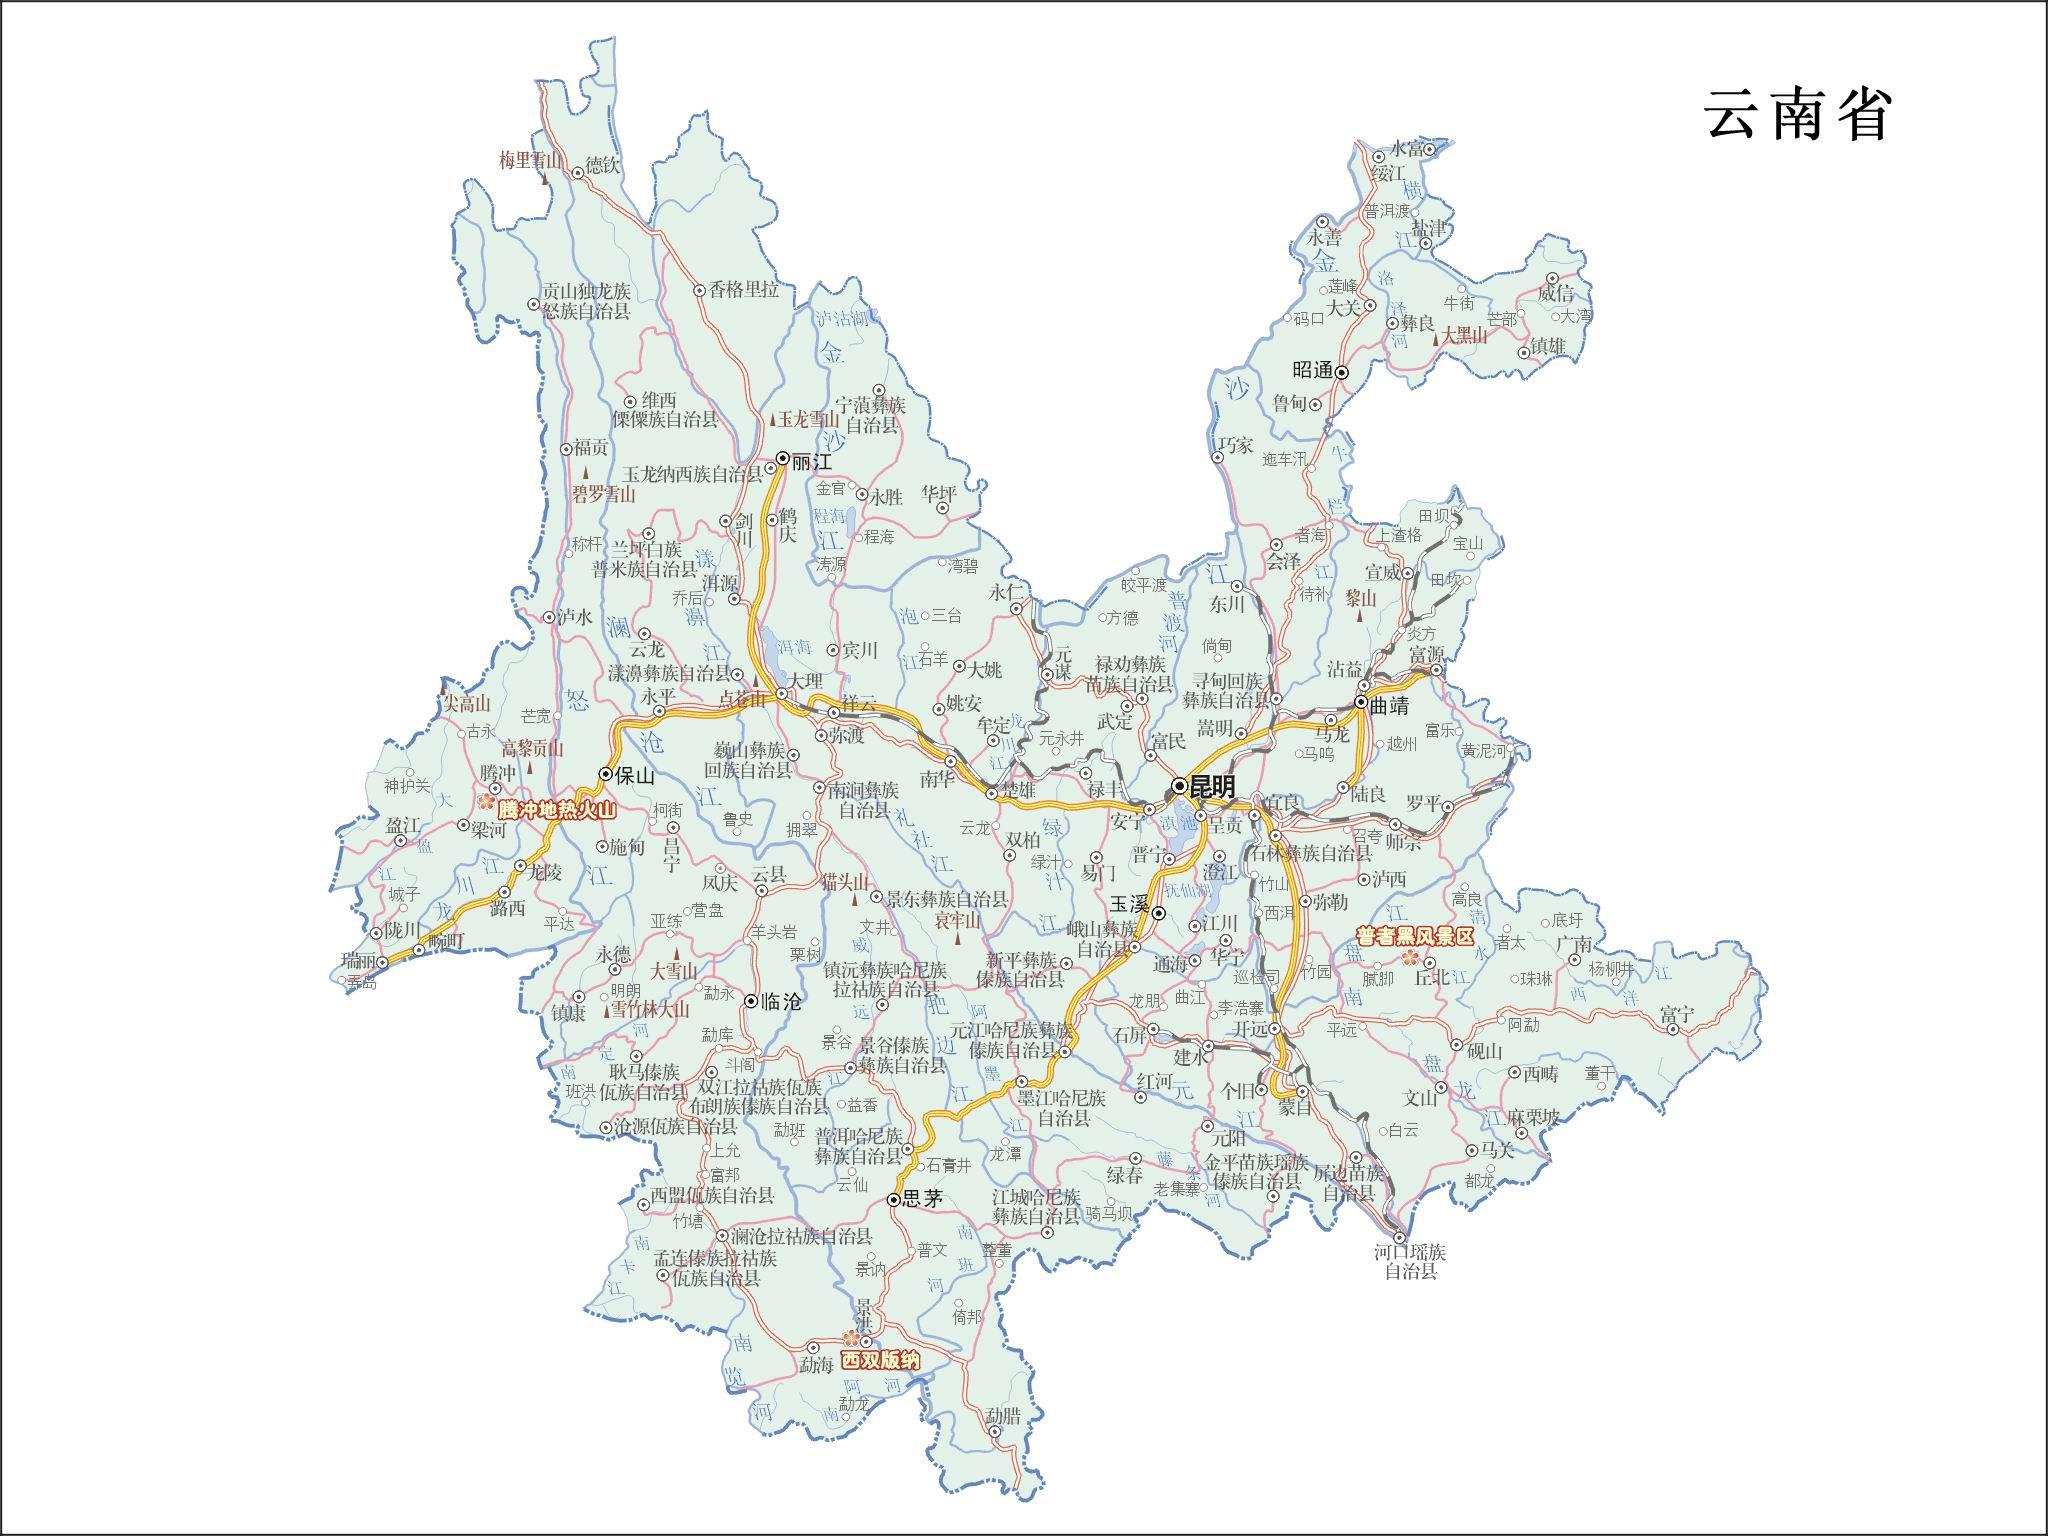 经过两个多月的网上试运行,国家测绘局日前在其网站(http://www.sbsm.gov.cn)上正式发布一套网络版《中华人民共和国地图》和《世界地图》,供各界用户在网上浏览和免费下载使用。为此,国家测绘局发布2006年第1号公告。今后,用户可以在下载的地图上根据自己的需要填加各种要素内容。对发布的地图未做任何改动的,可以不送审,减少了送审环节,方便使用者。